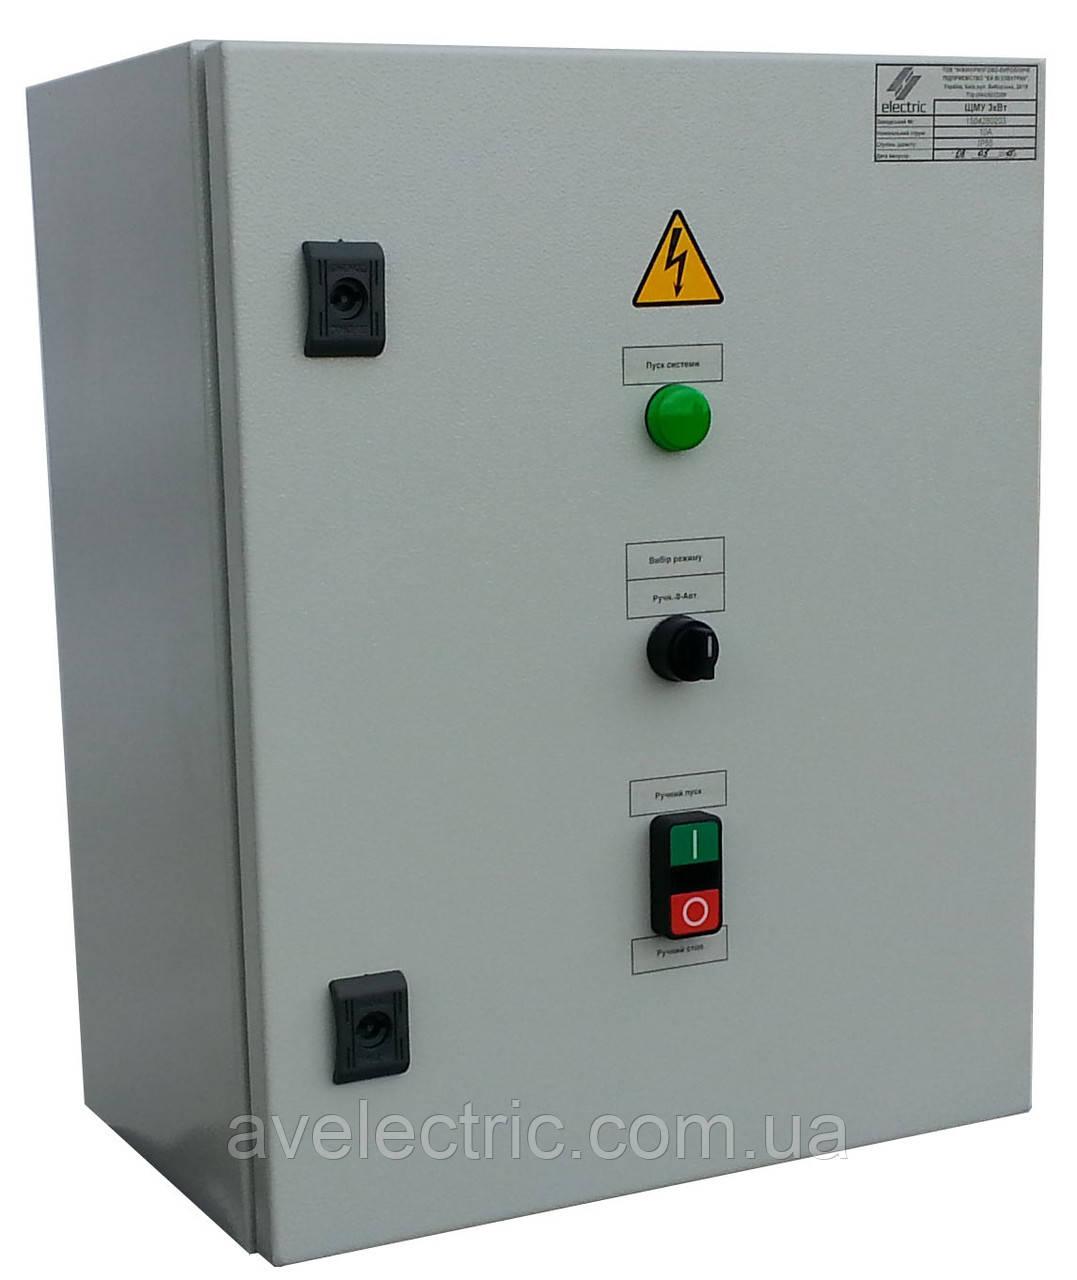 Ящик керування електродвигуном Я5410-2674-54У3